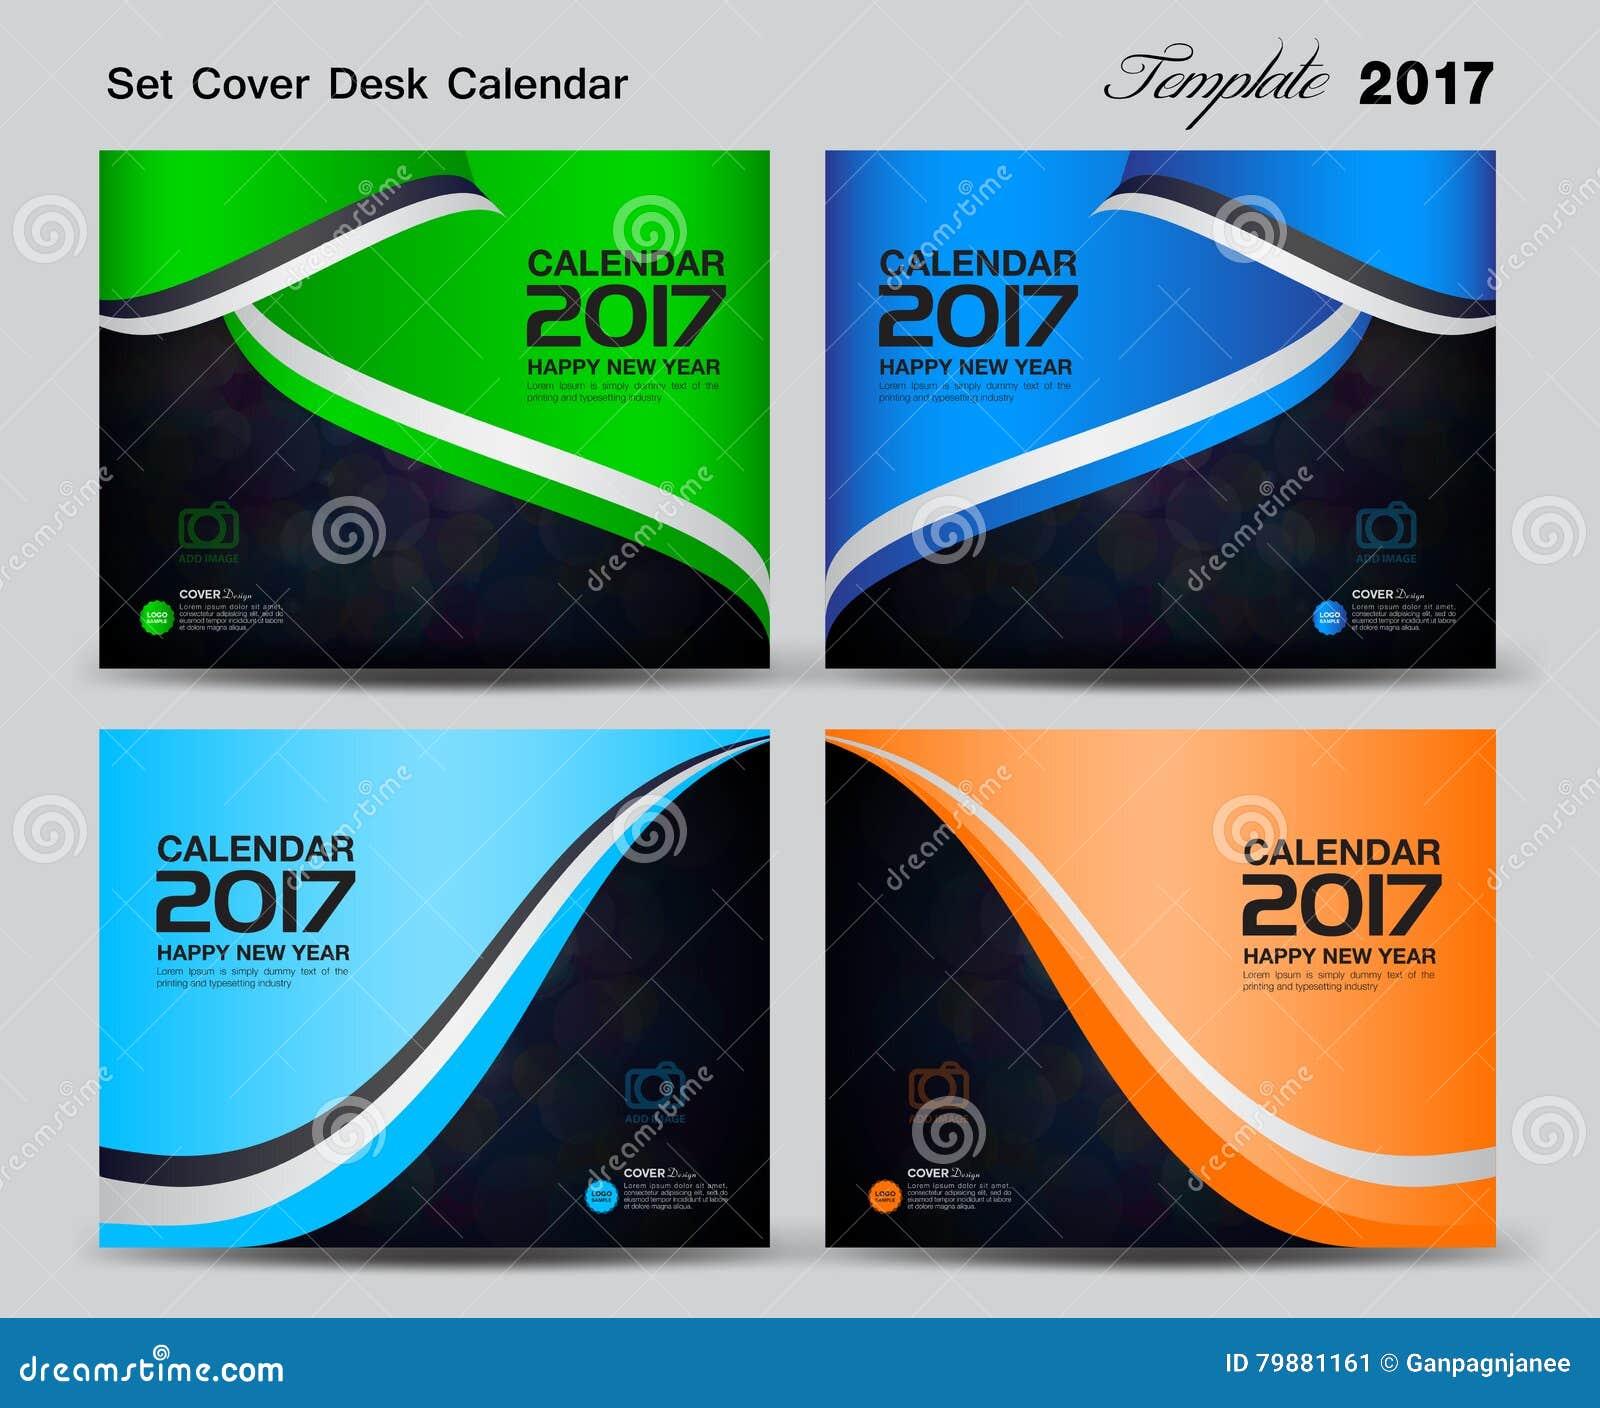 Cover Calendar Design Vector : Set cover desk calendar year template design